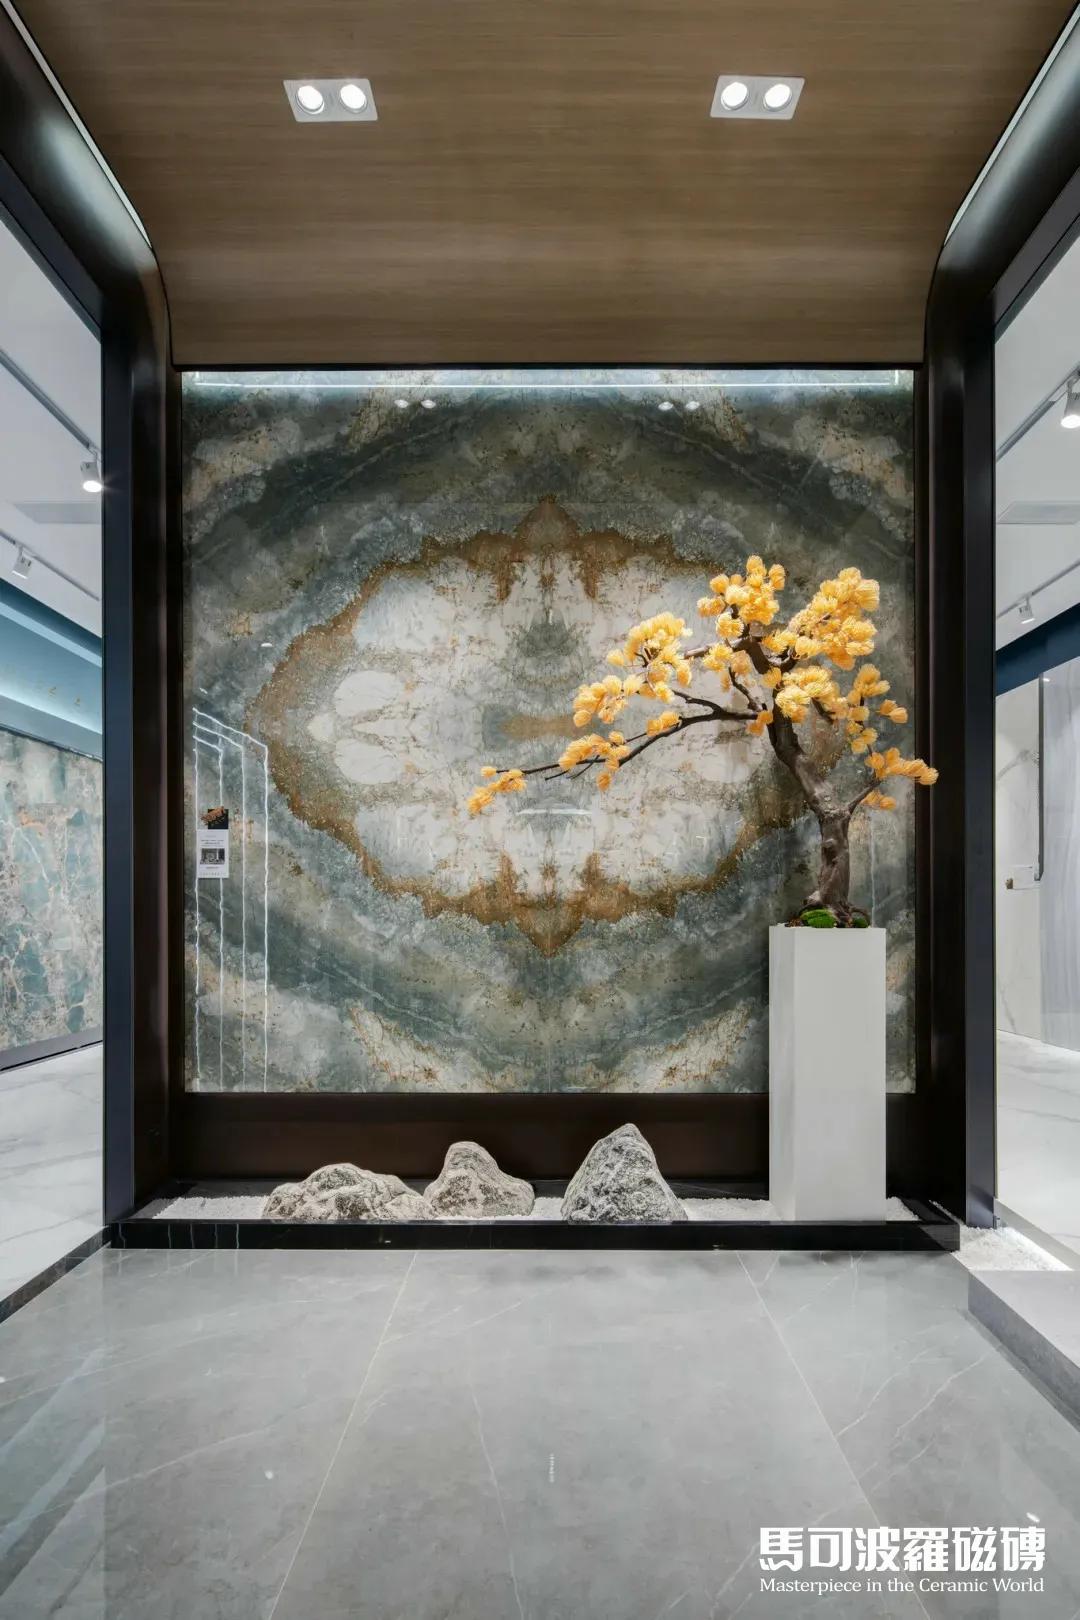 马可波罗瓷砖AI随机无限连纹,一脉相连,大有纹章